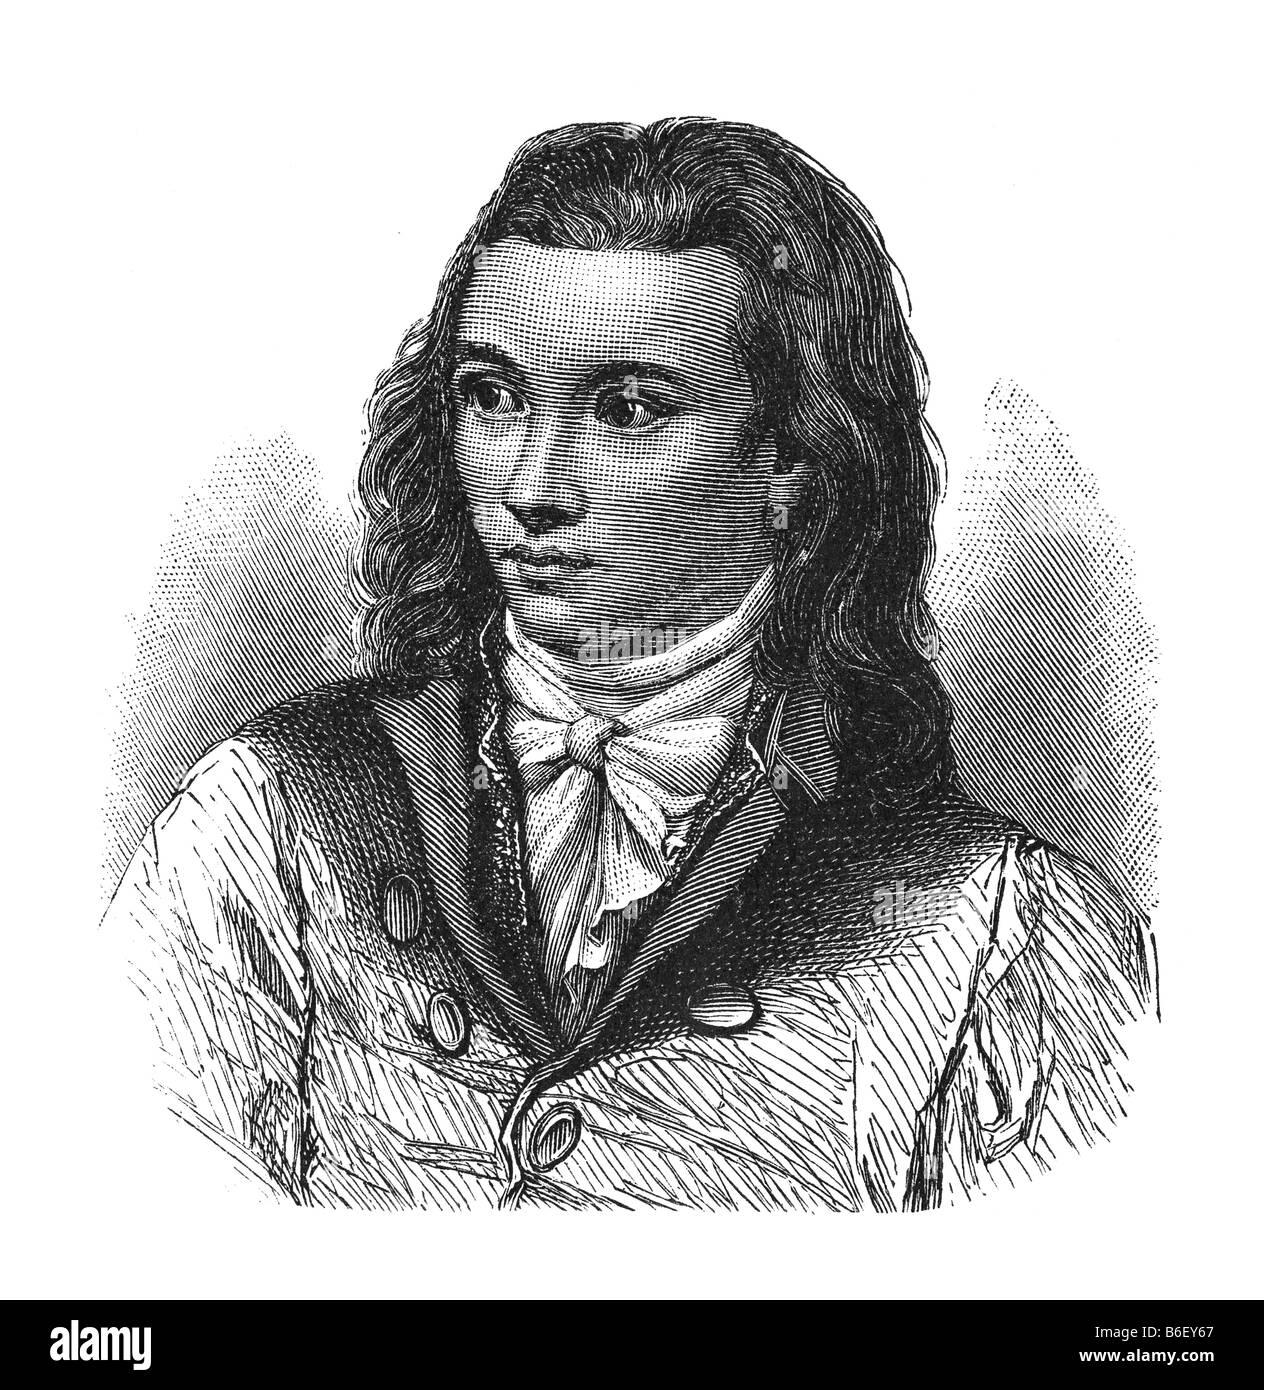 Novalis, Georg Friedrich Philipp Freiherr von Hardenberg, 2. May 1772 castle Oberwiederstedt - 25. March 1801 Weissenfels - Stock Image